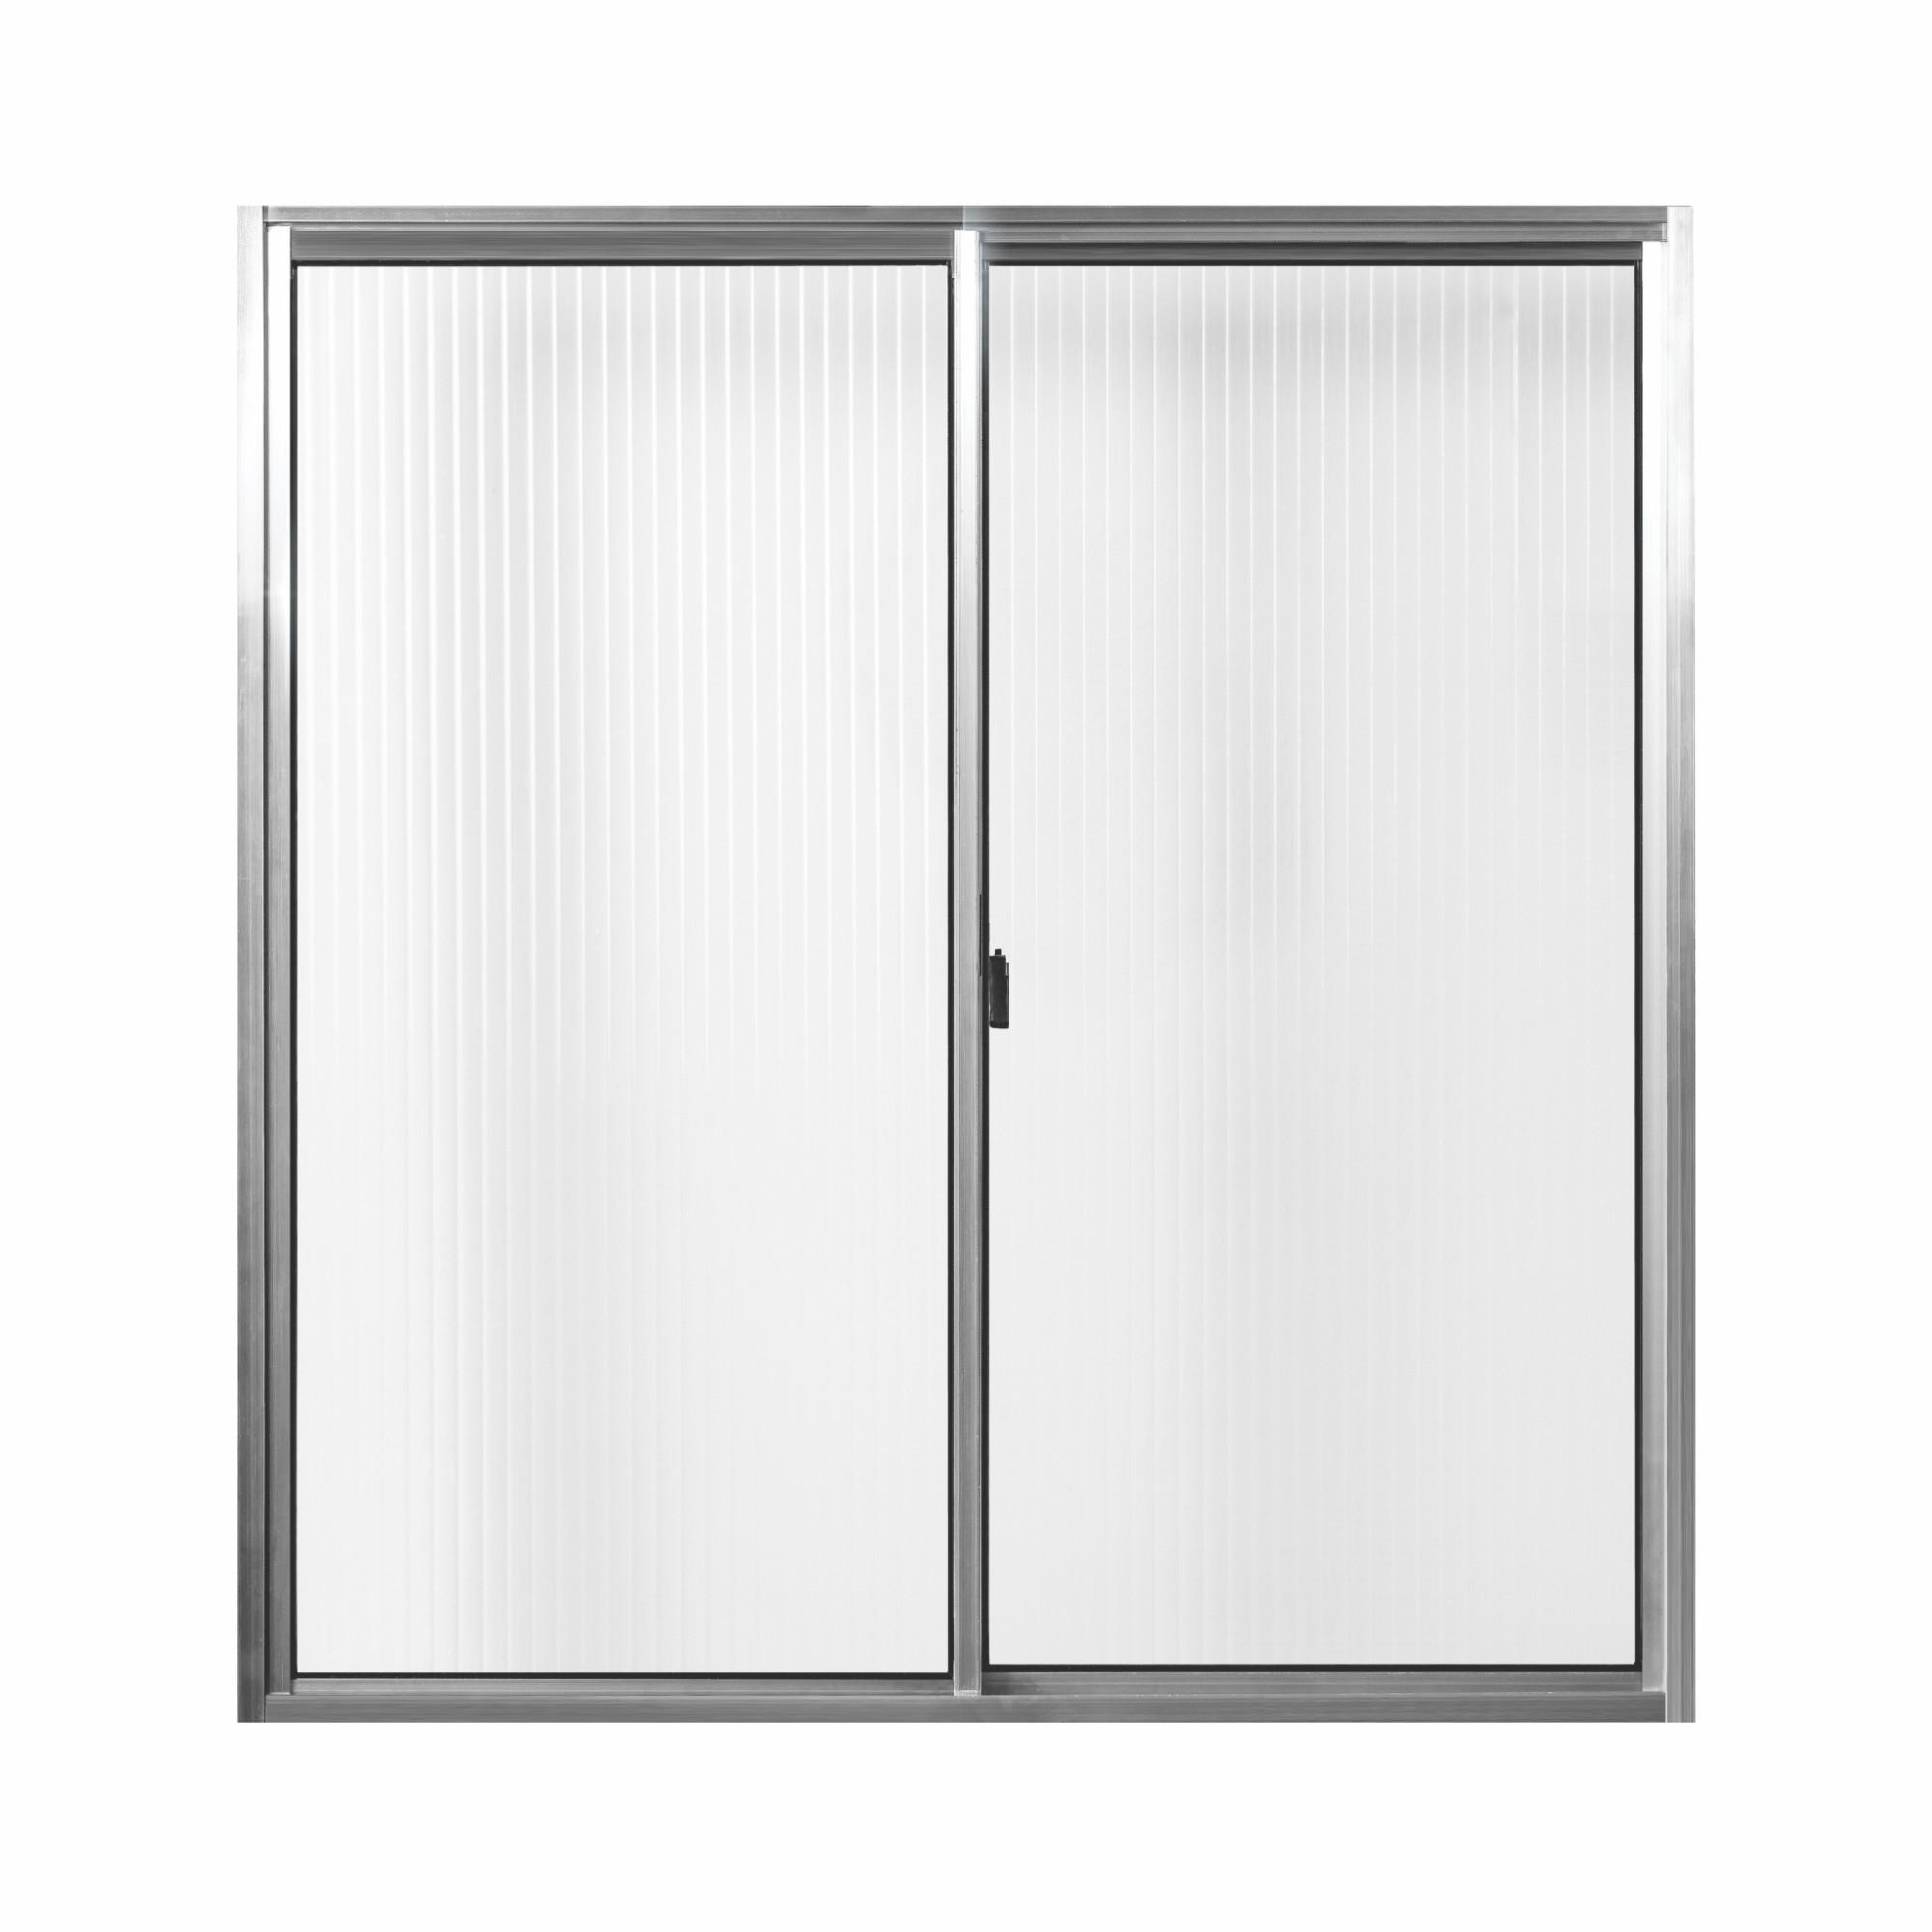 Janela Tropical Slim Aluminio com Vidro Canelado 2 Folhas 80x80 cm - Aluvid